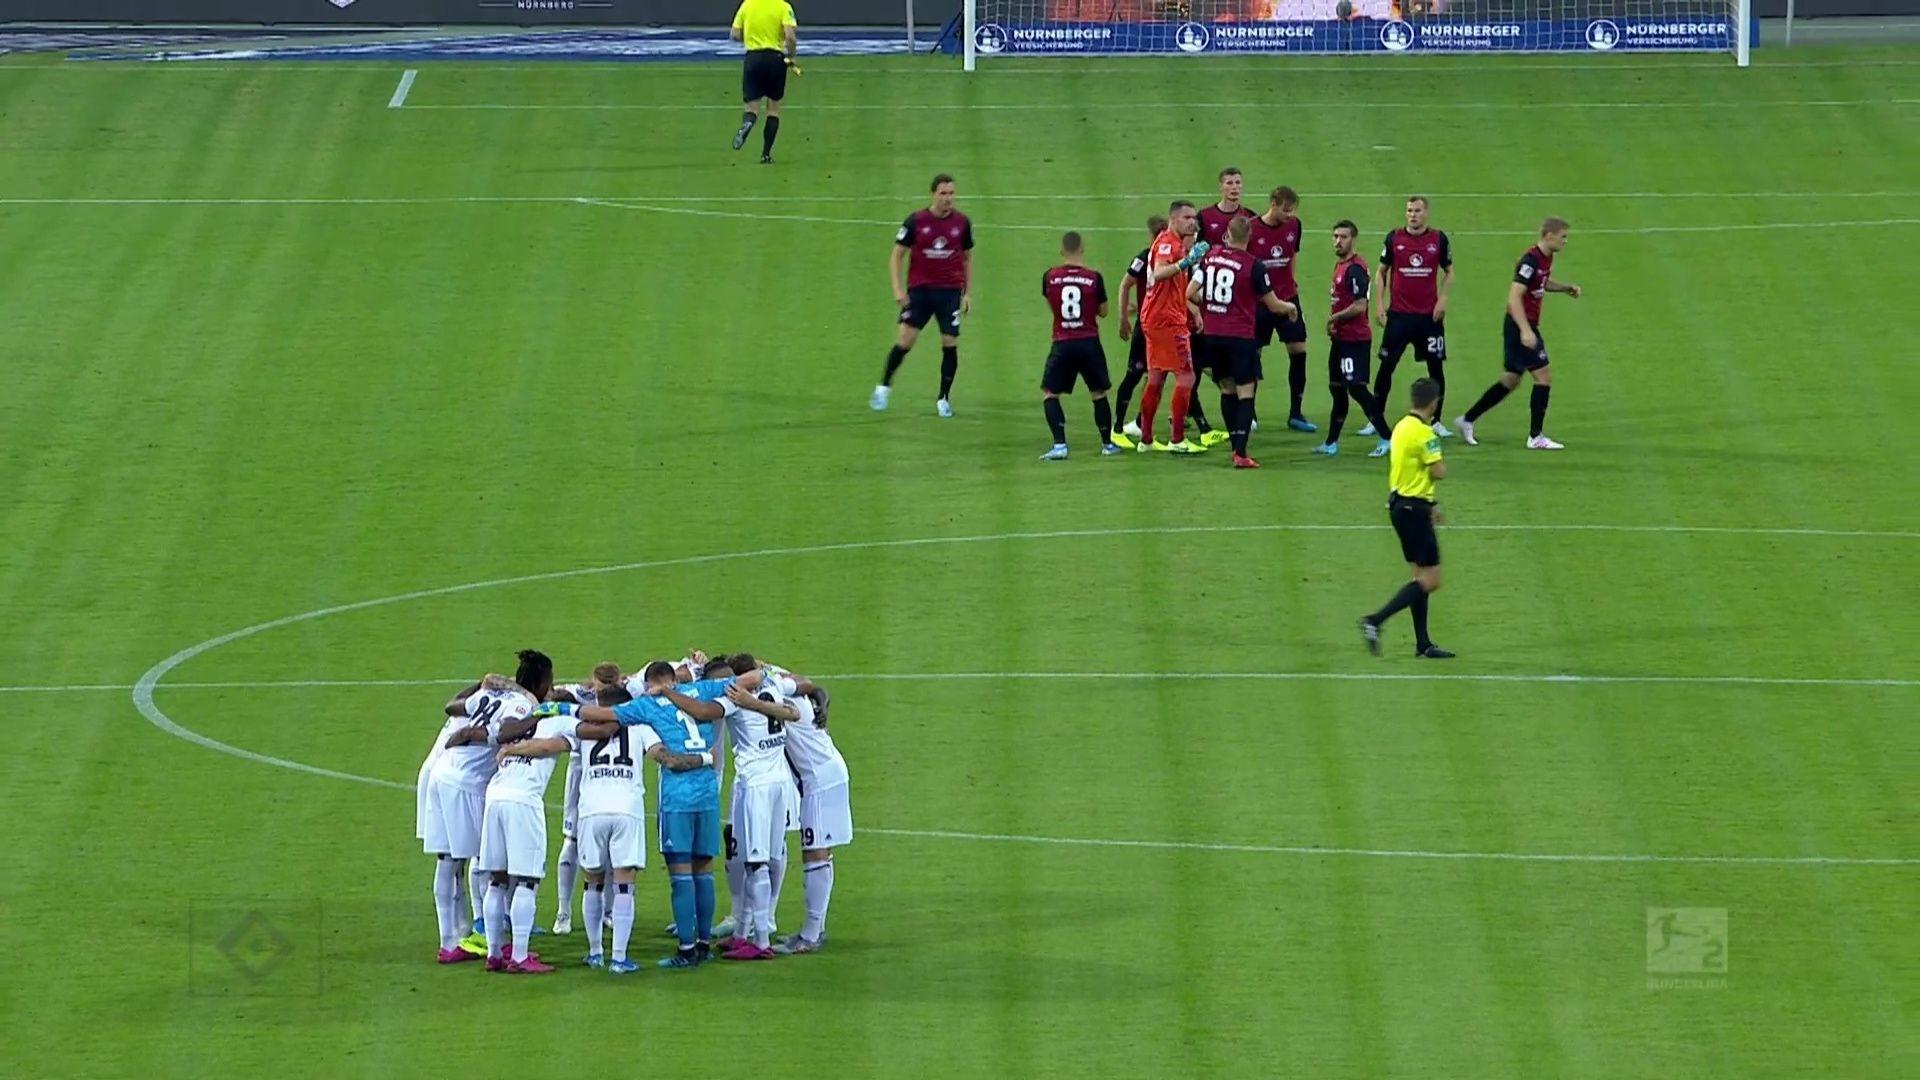 Pokalspiel Hsv Nürnberg